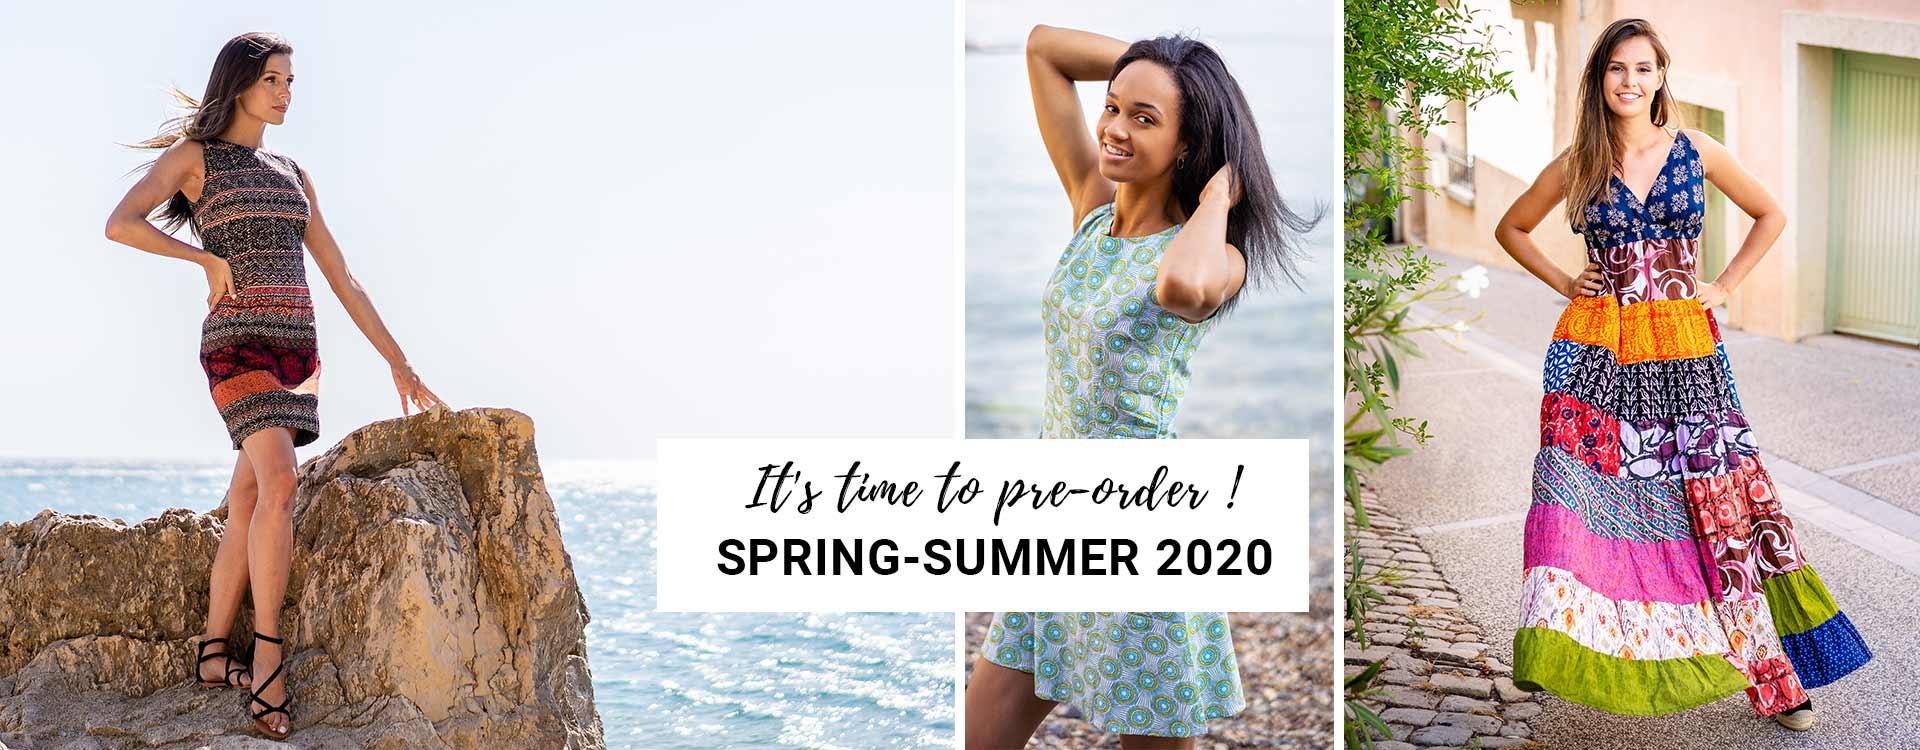 Preorder spring summer 2020 collection